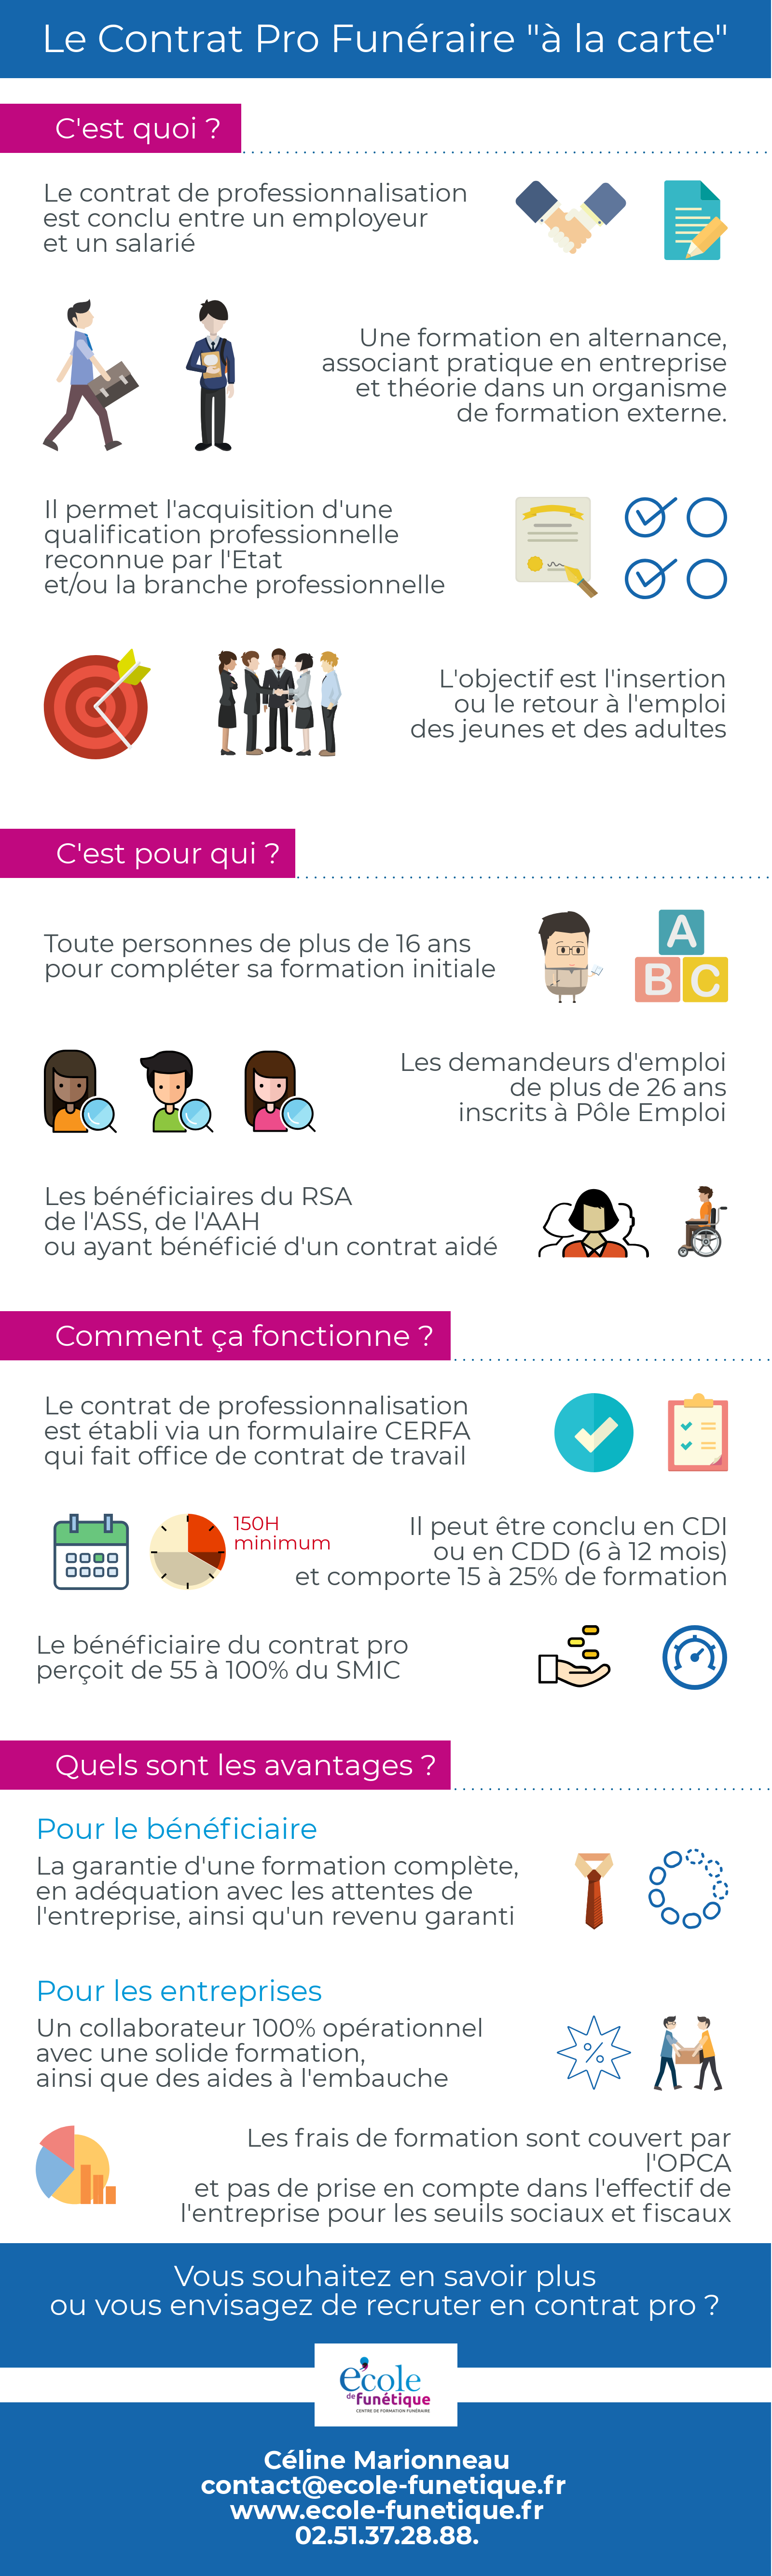 Infographie contrat professionnel funéraire Ecole de Funétique alternance